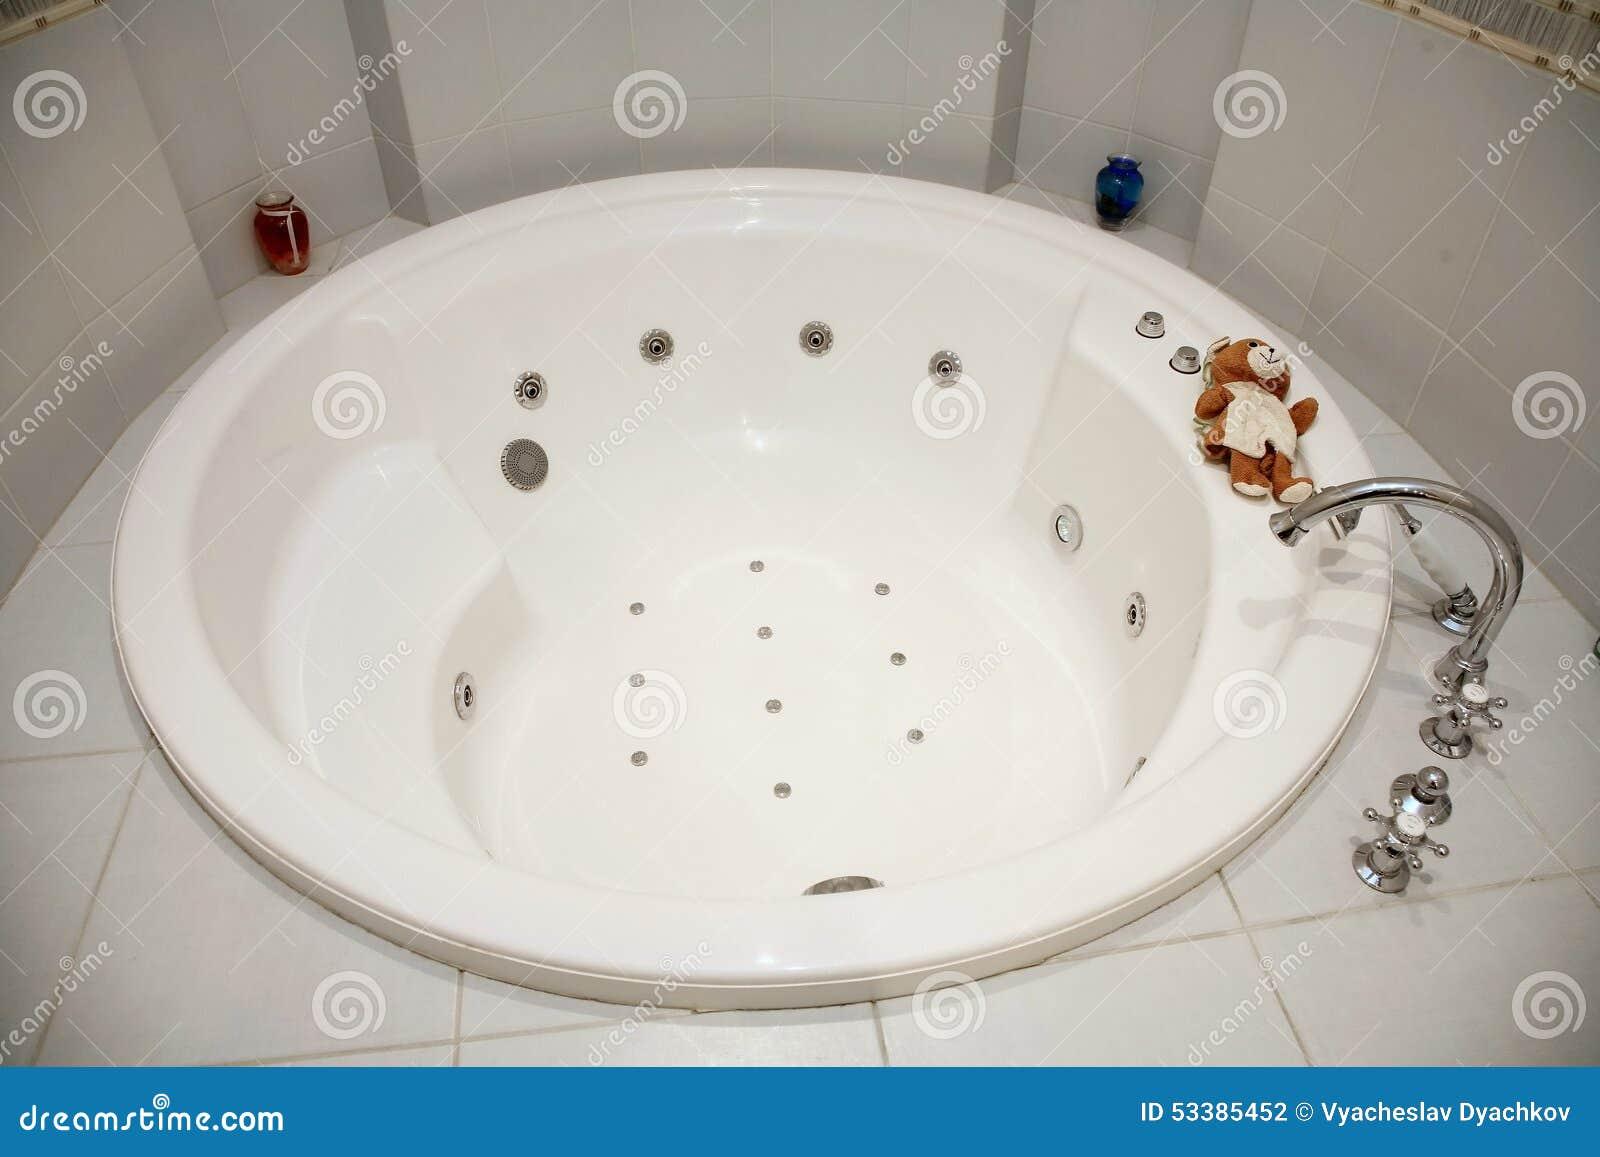 Decorazioni Bagno Bambini : Immagine del bagno bianco caldo rotondo dei bagni decorato con le